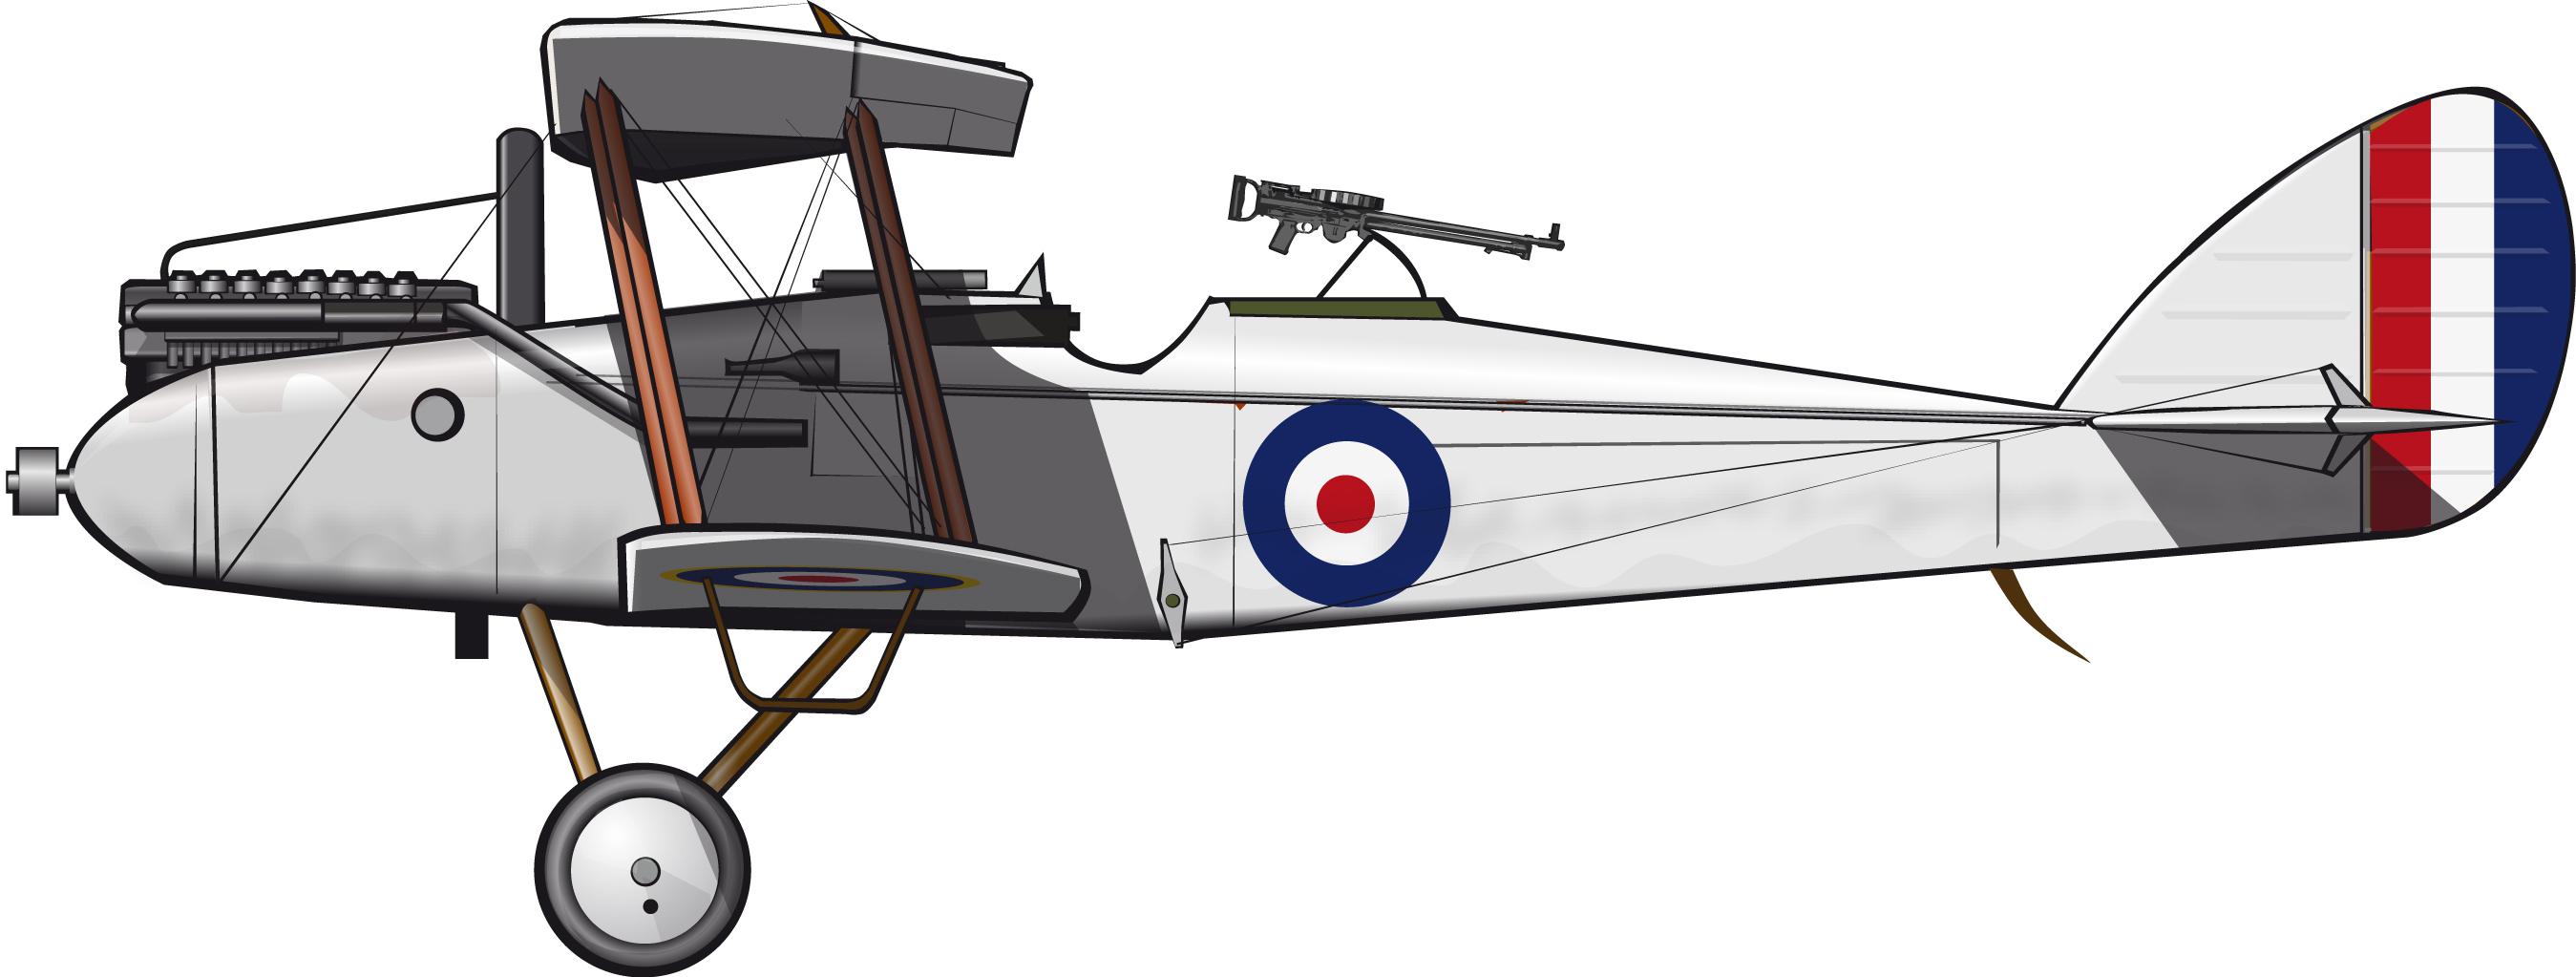 DH9swa1922